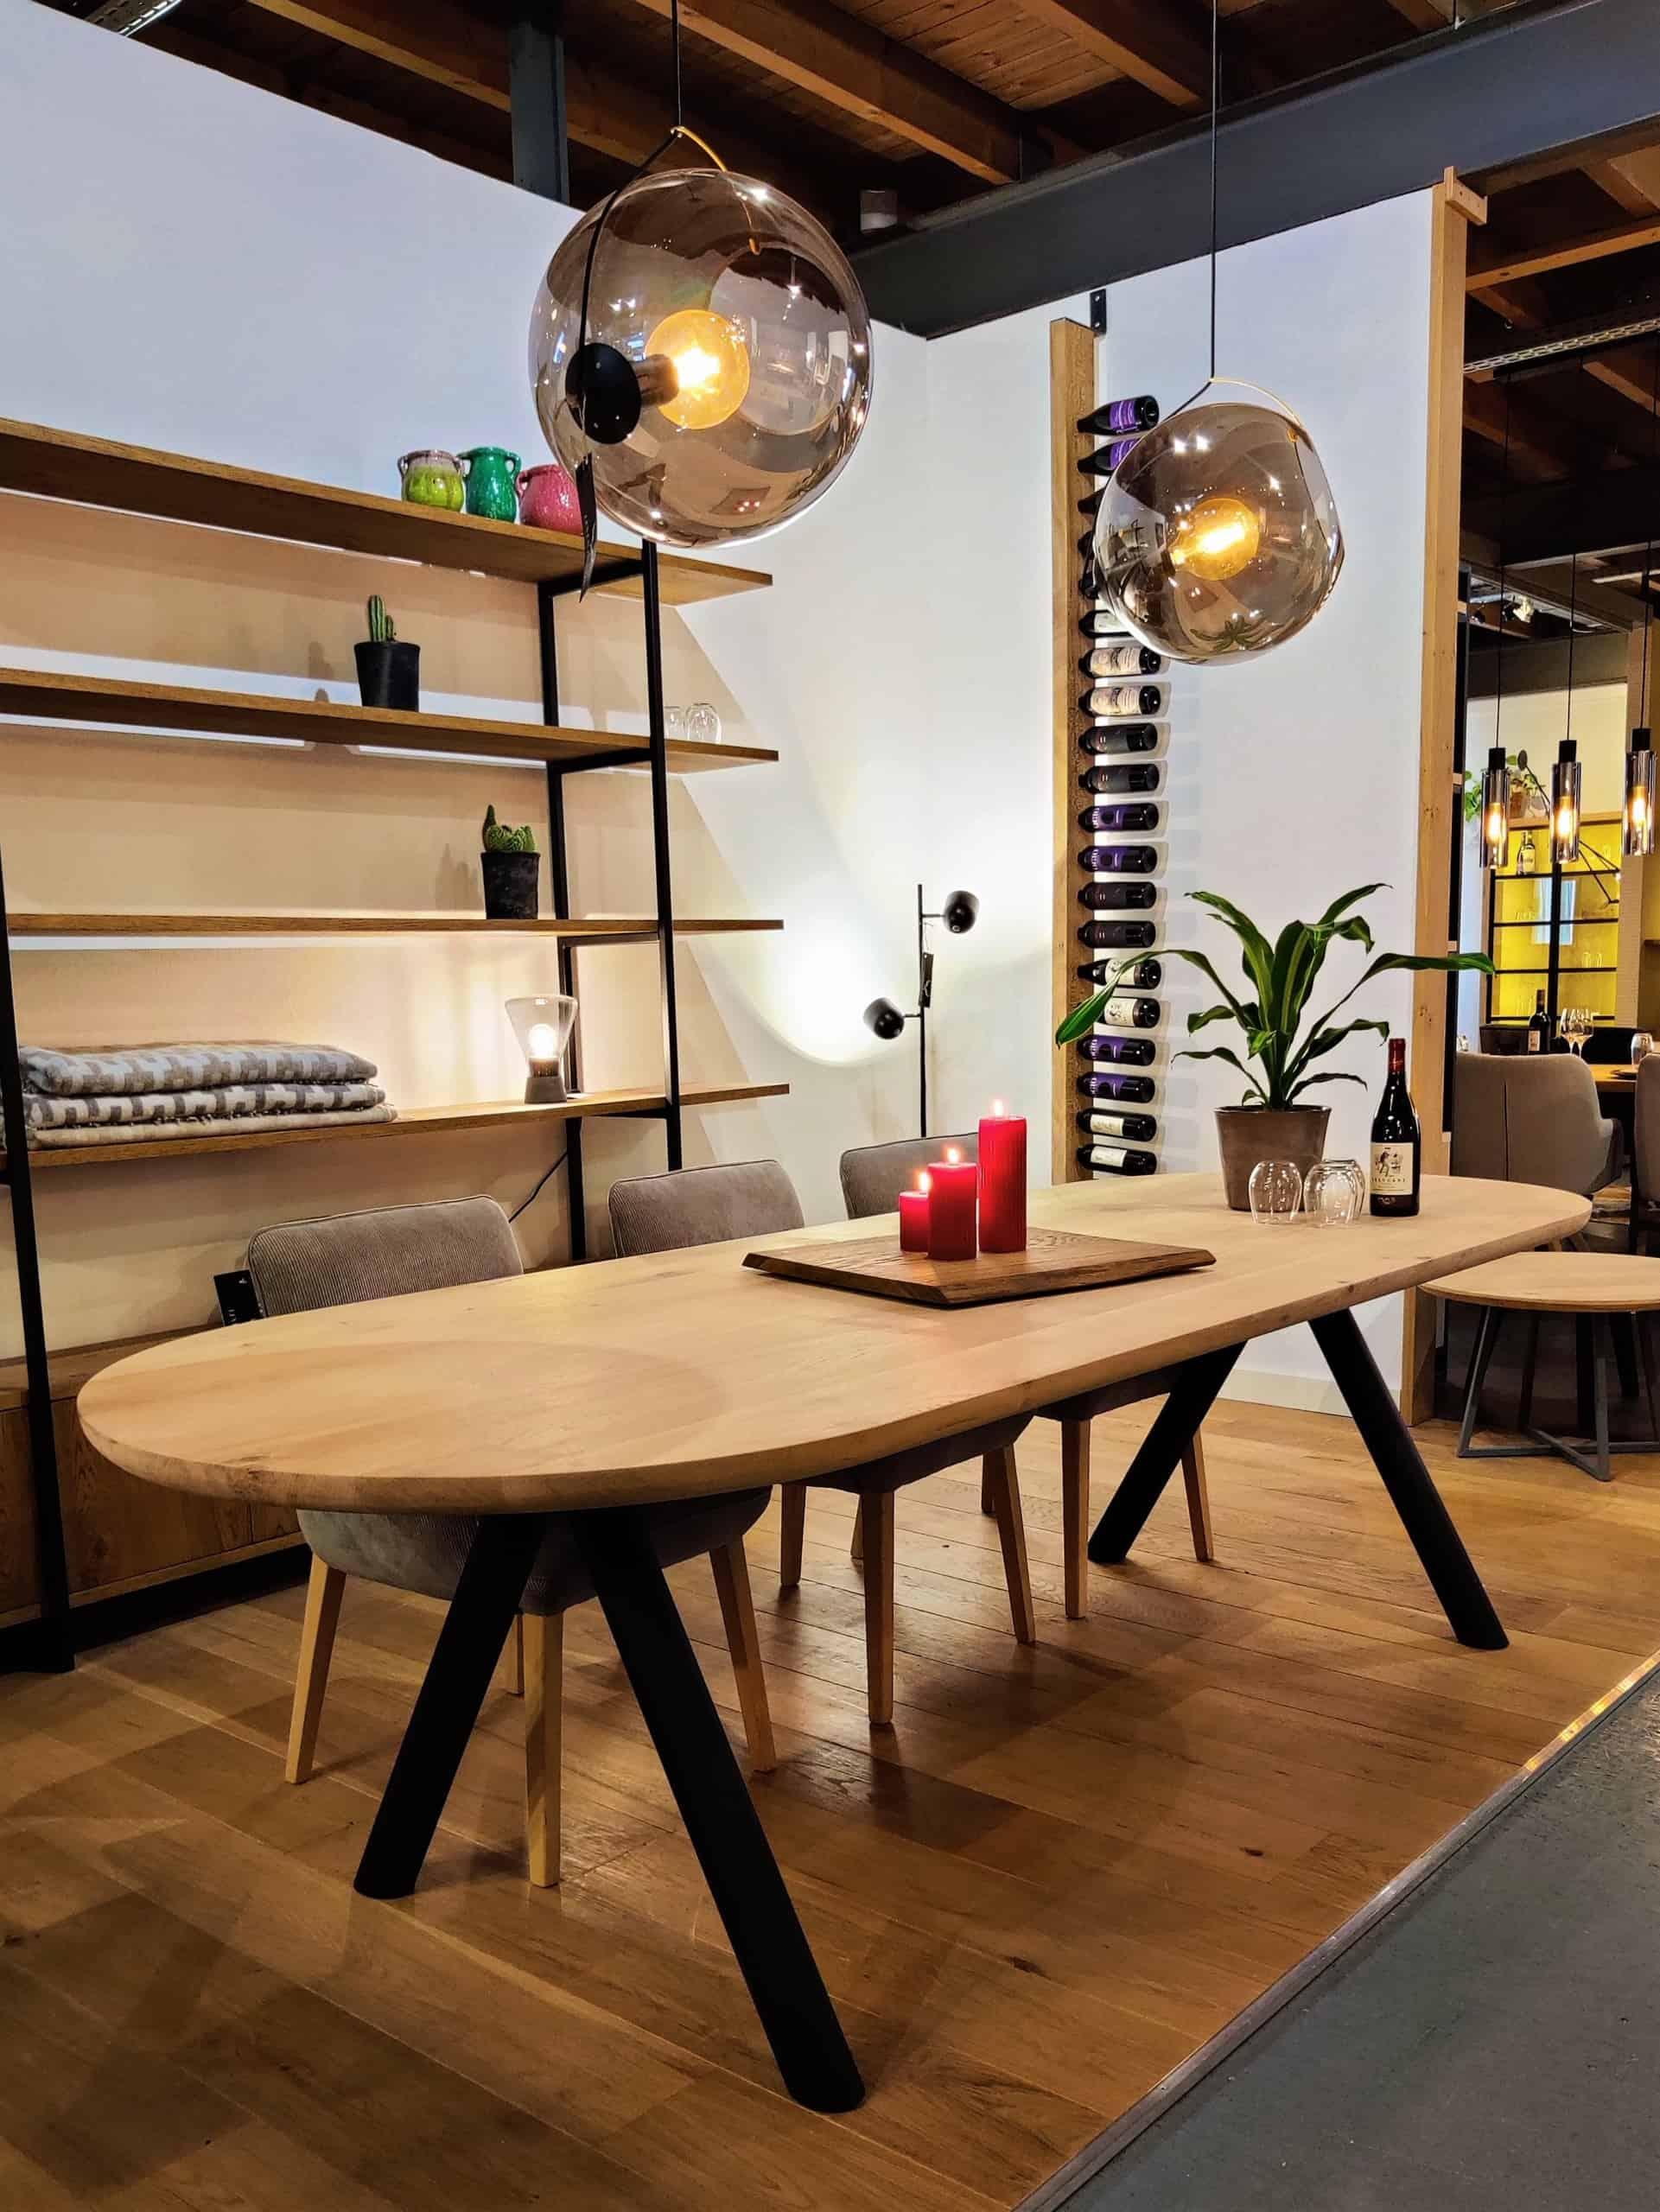 Design tafel met ronde uiteindes. Elke randafwerking is mogelijk.